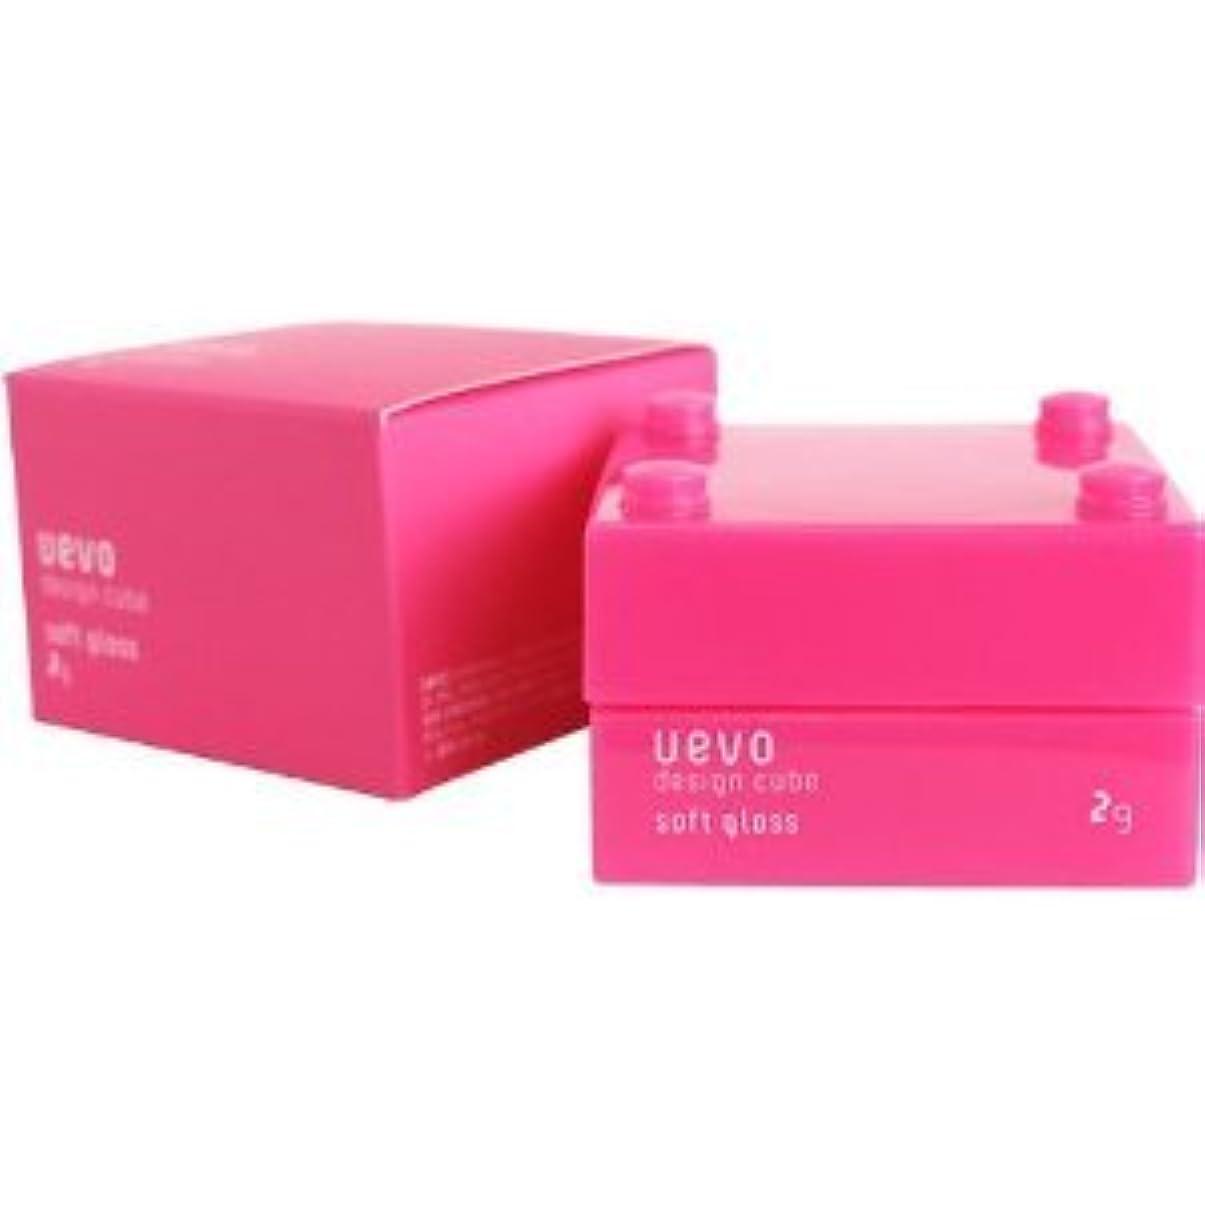 腐った作り損傷【X2個セット】 デミ ウェーボ デザインキューブ ソフトグロス 30g soft gloss DEMI uevo design cube